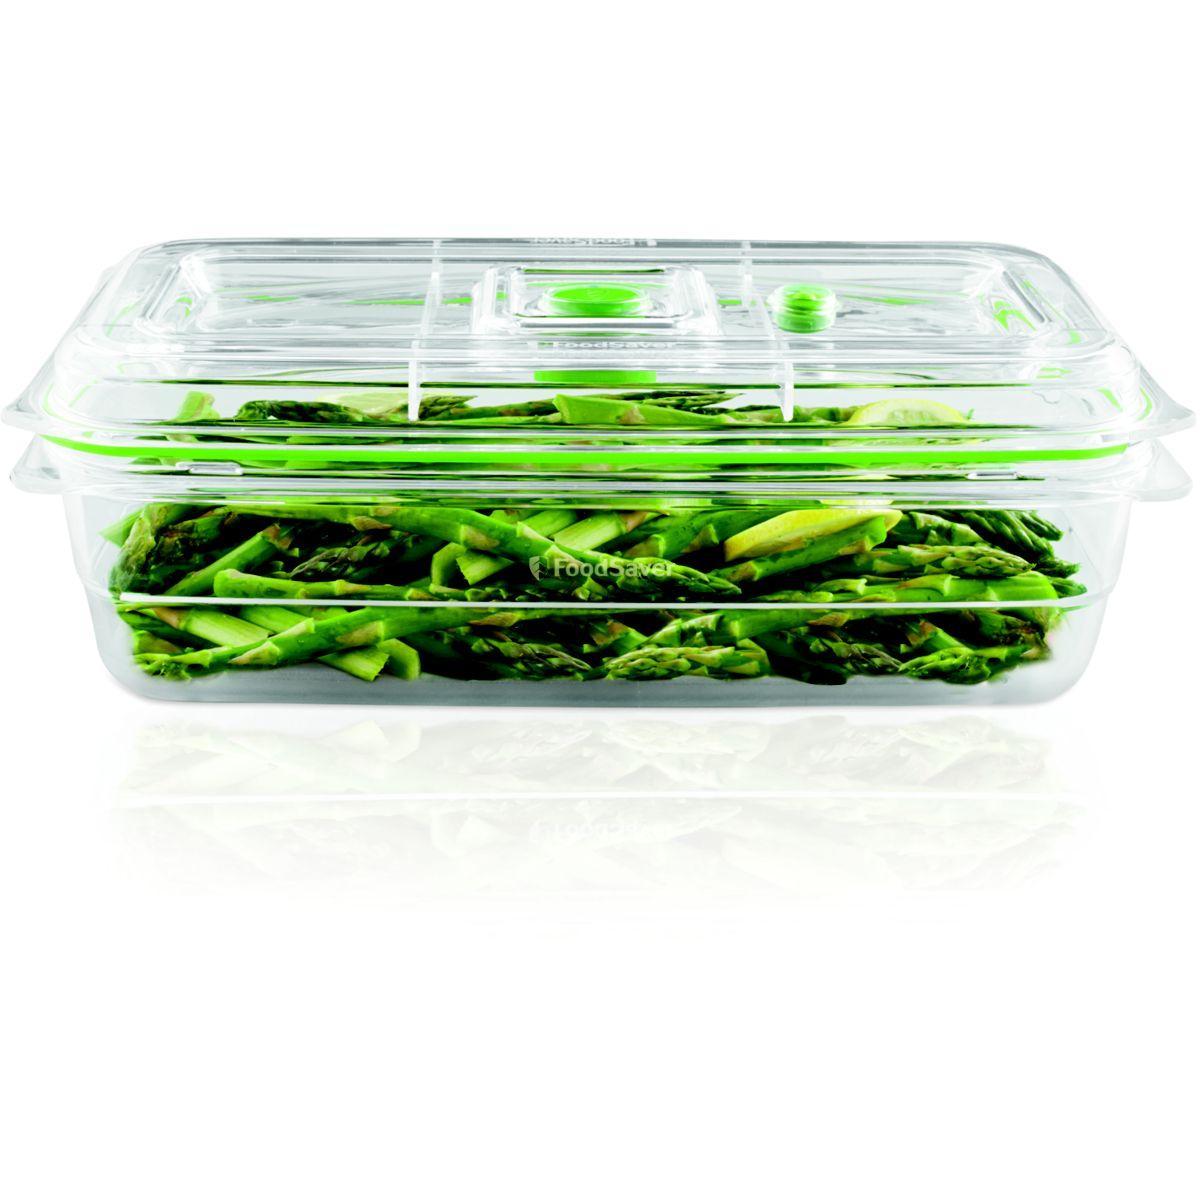 Accessoire food saver ffc010x boîte fraî - produit coup de coeur webdistrib.com ! (photo)